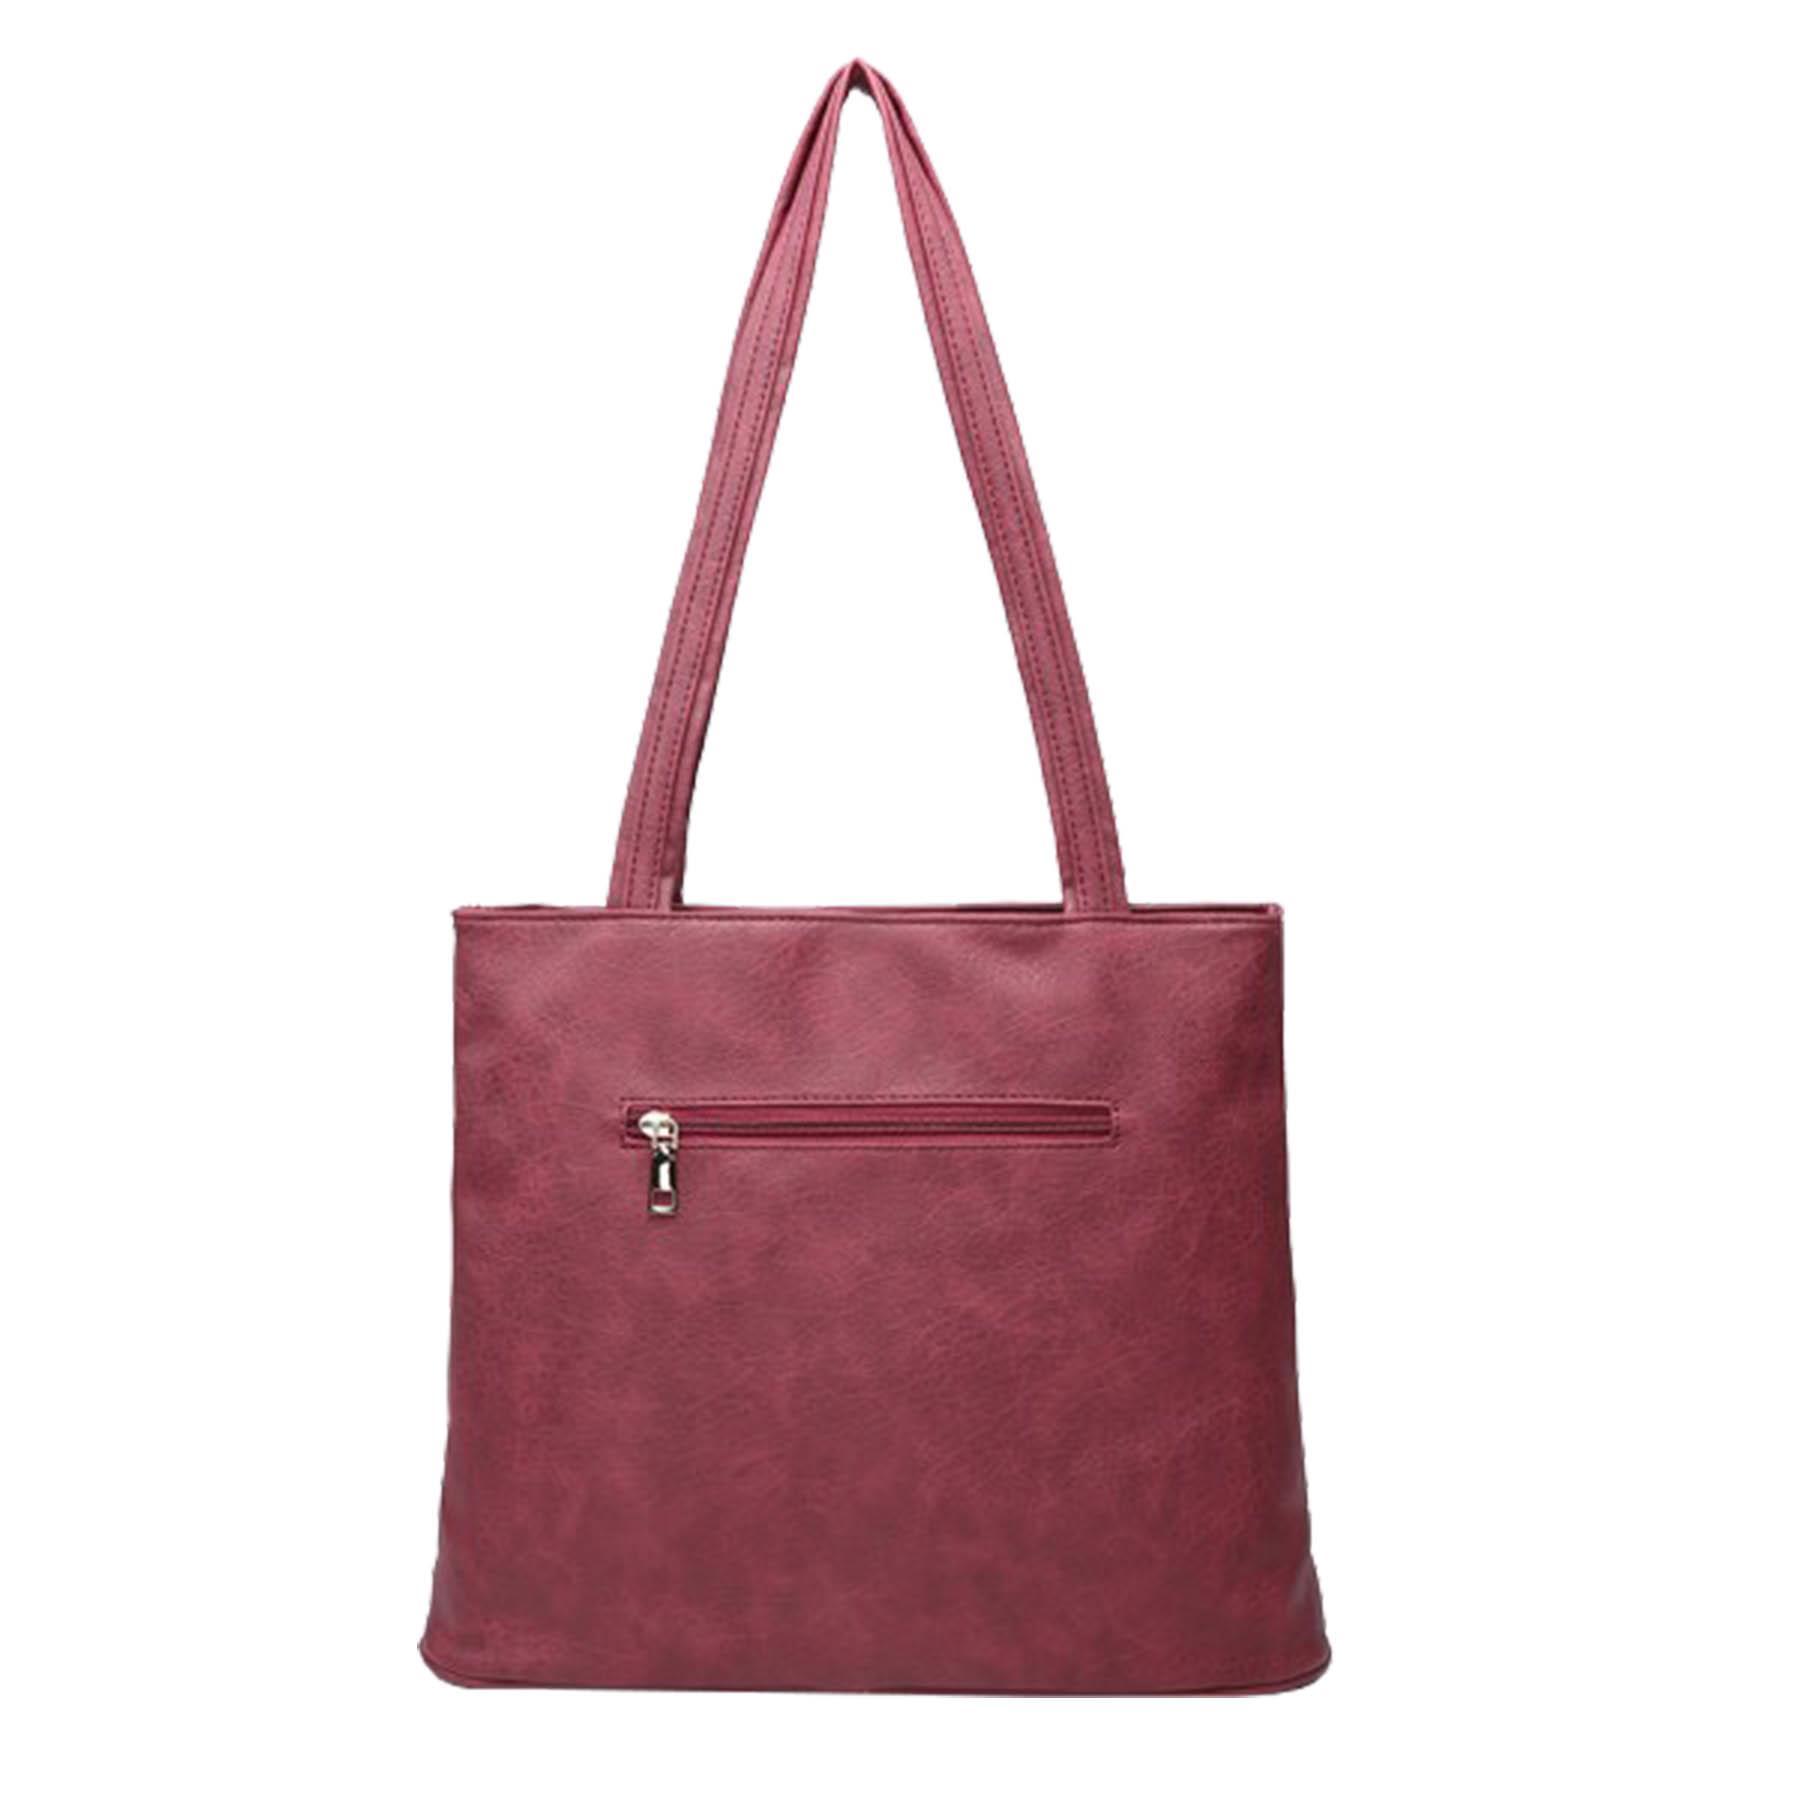 New-Ladies-Metallic-Detail-Double-Zipper-Faux-Leather-Shopper-Shoulder-Tote-Bag thumbnail 10